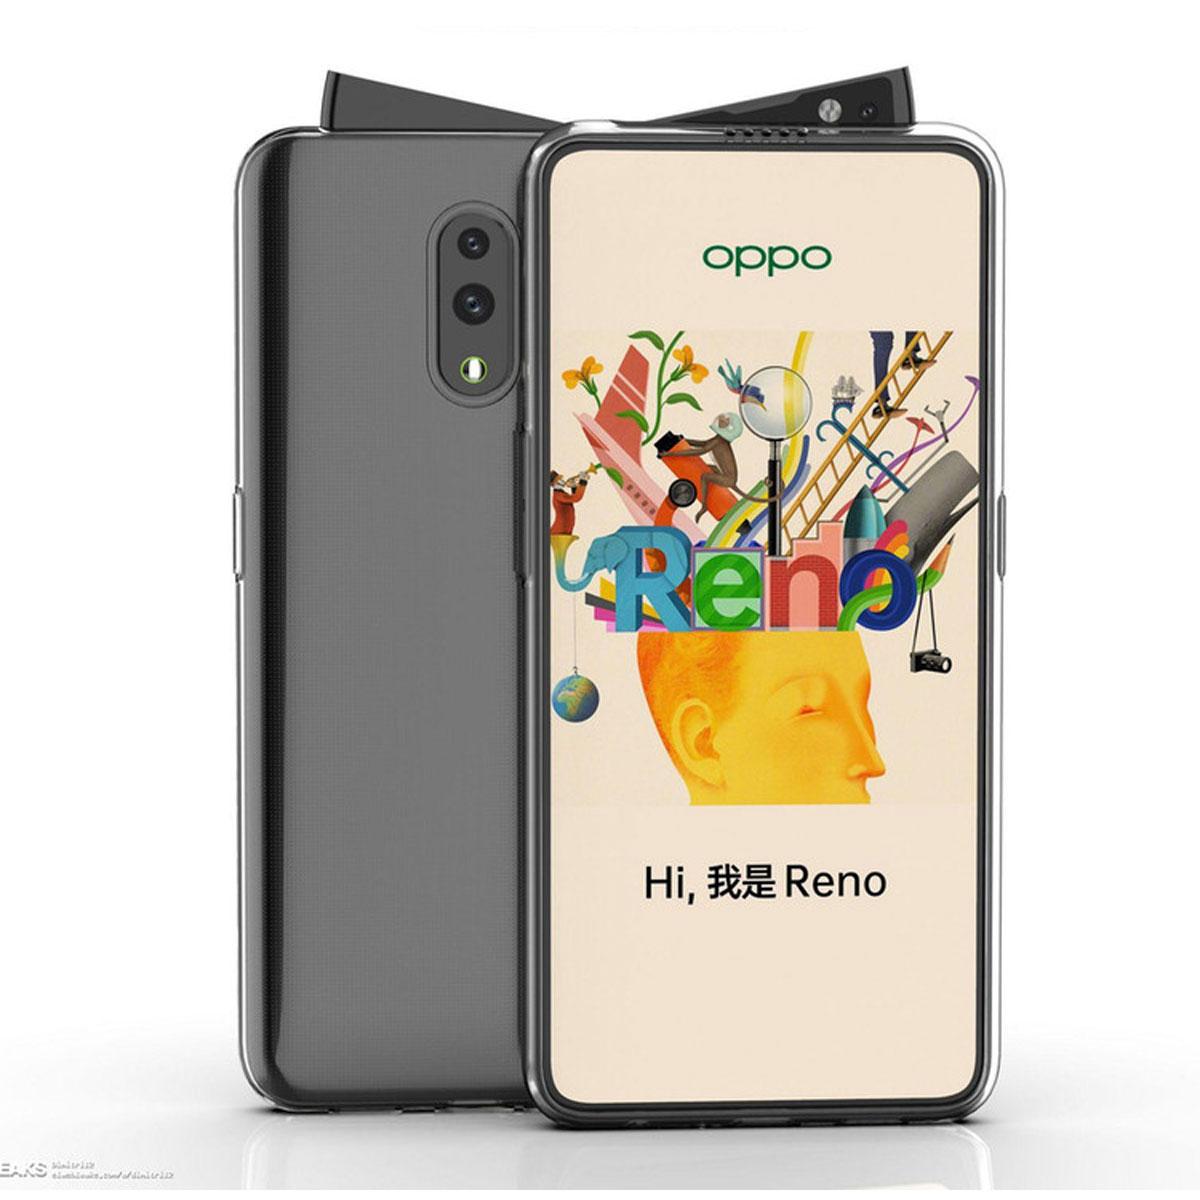 Oppo Reno Plus